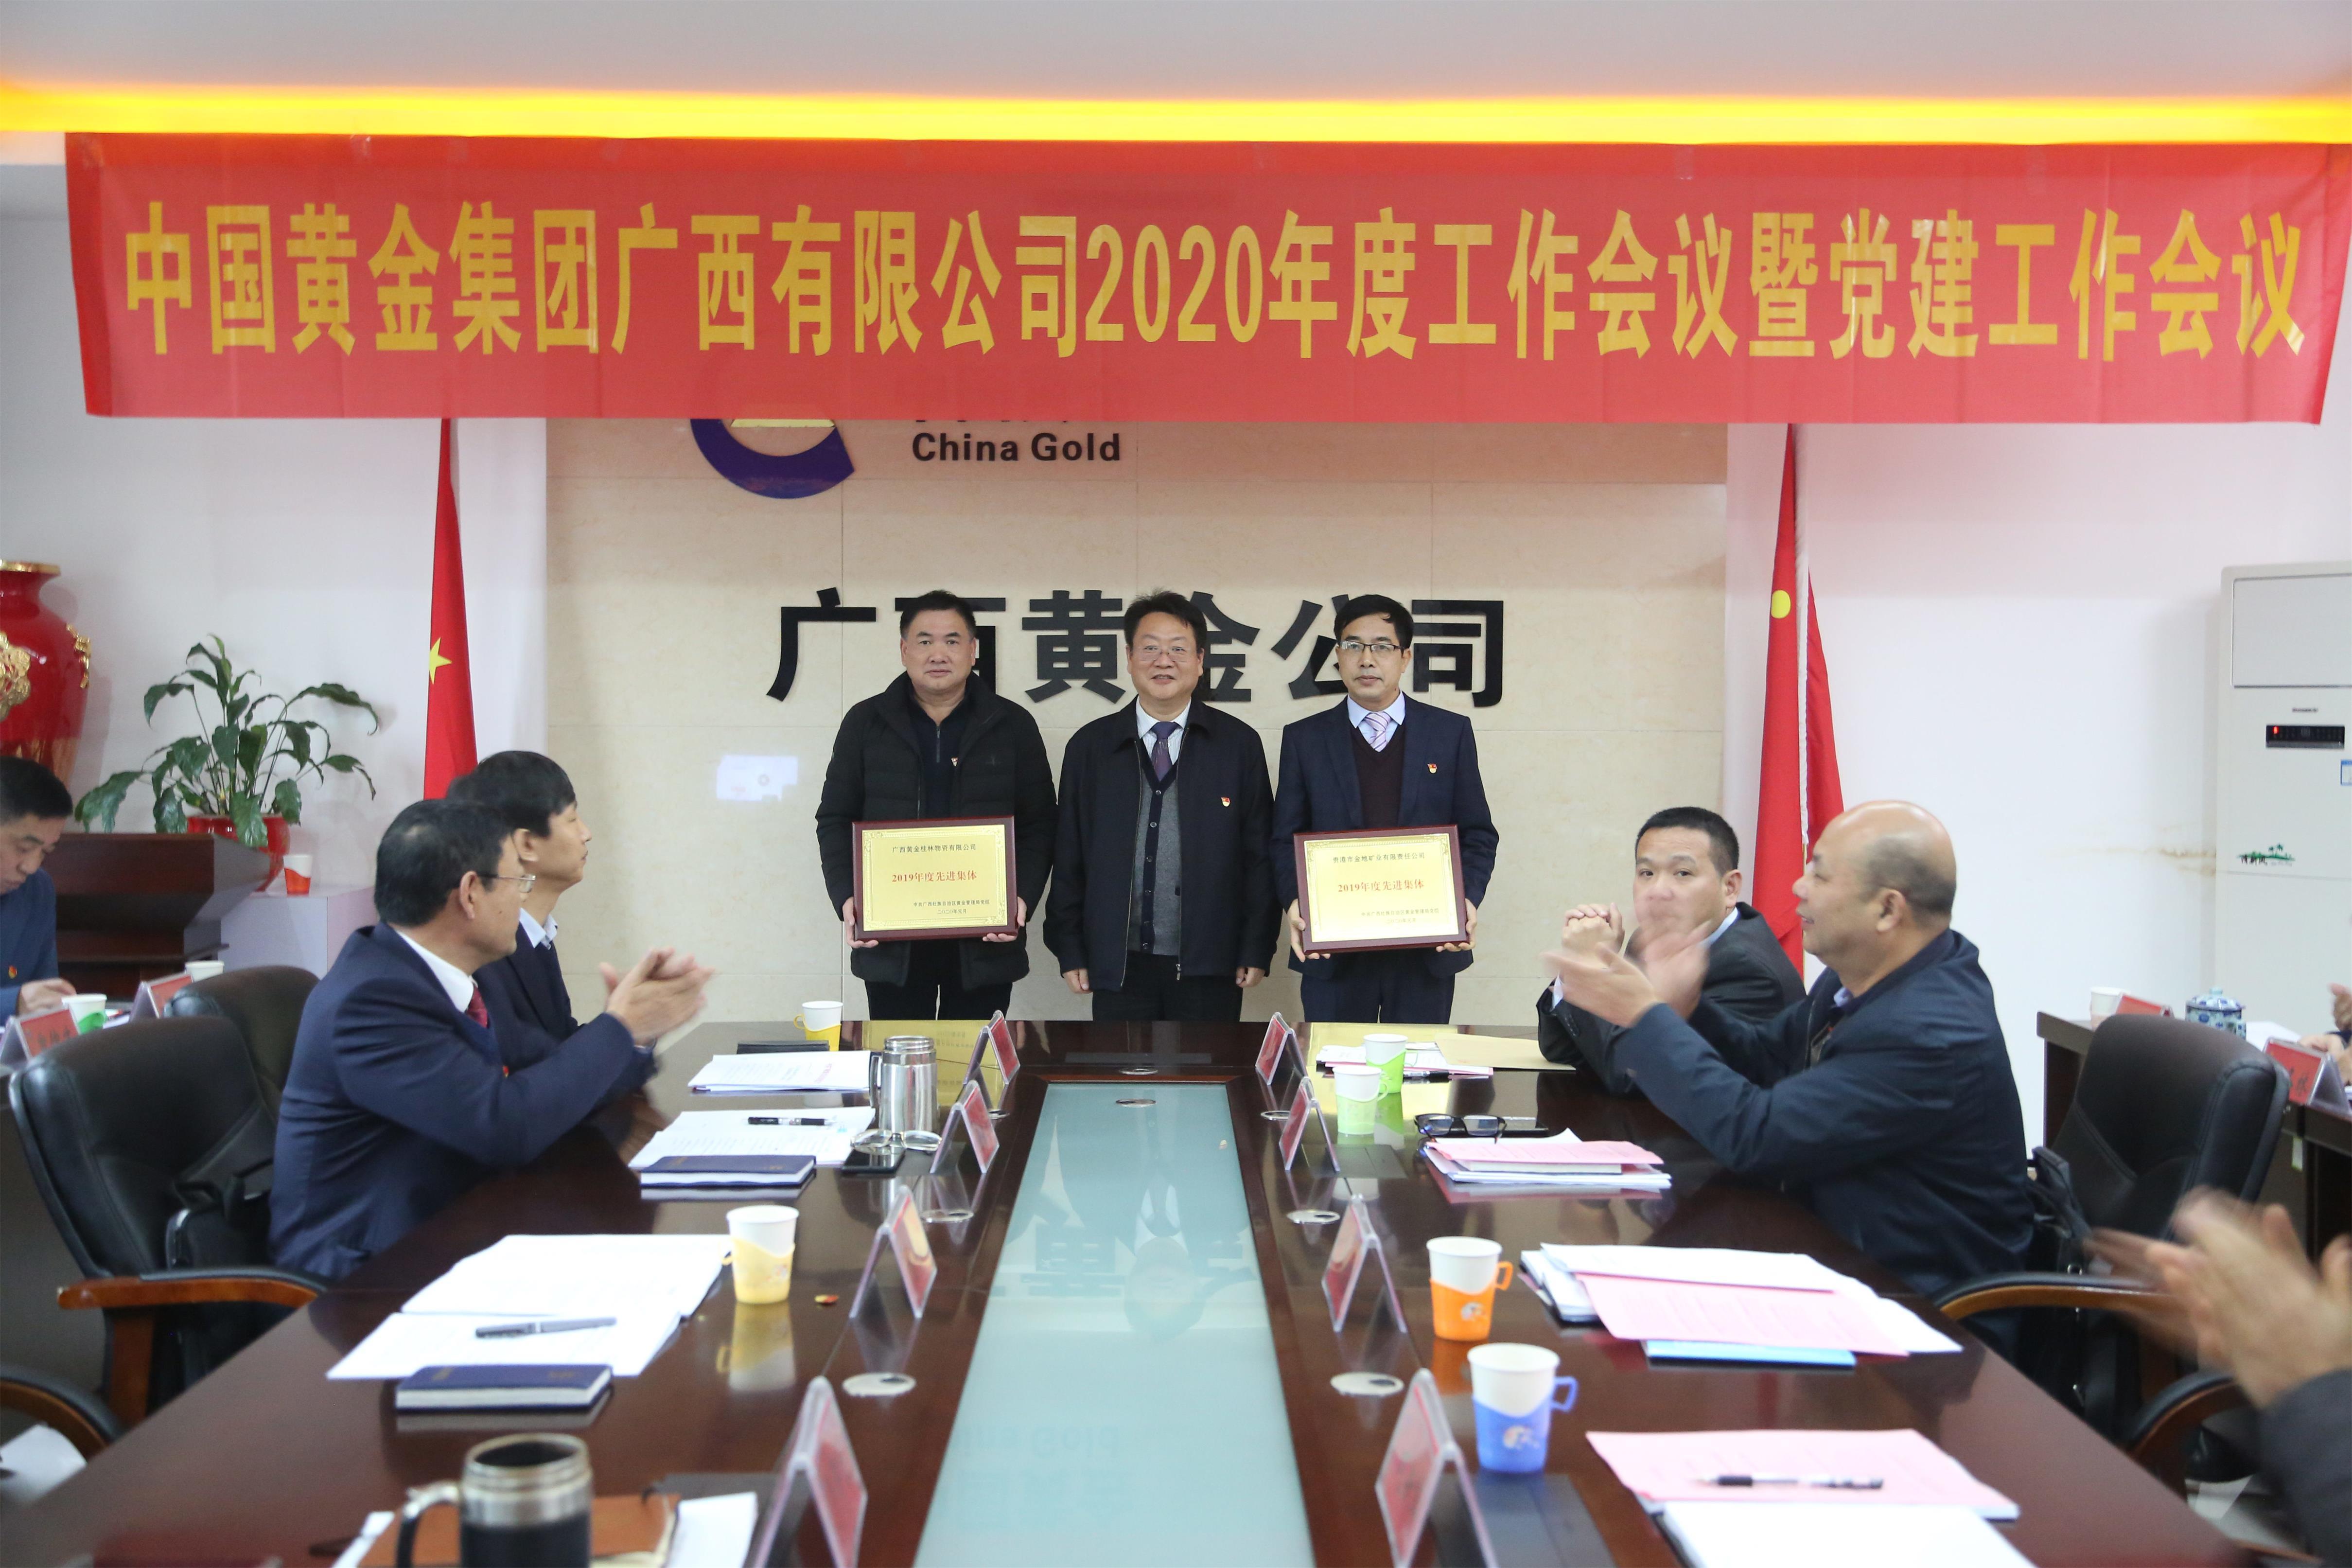 中国黄金集团广西有限公司召开2020年度工作会议暨党建工作会议